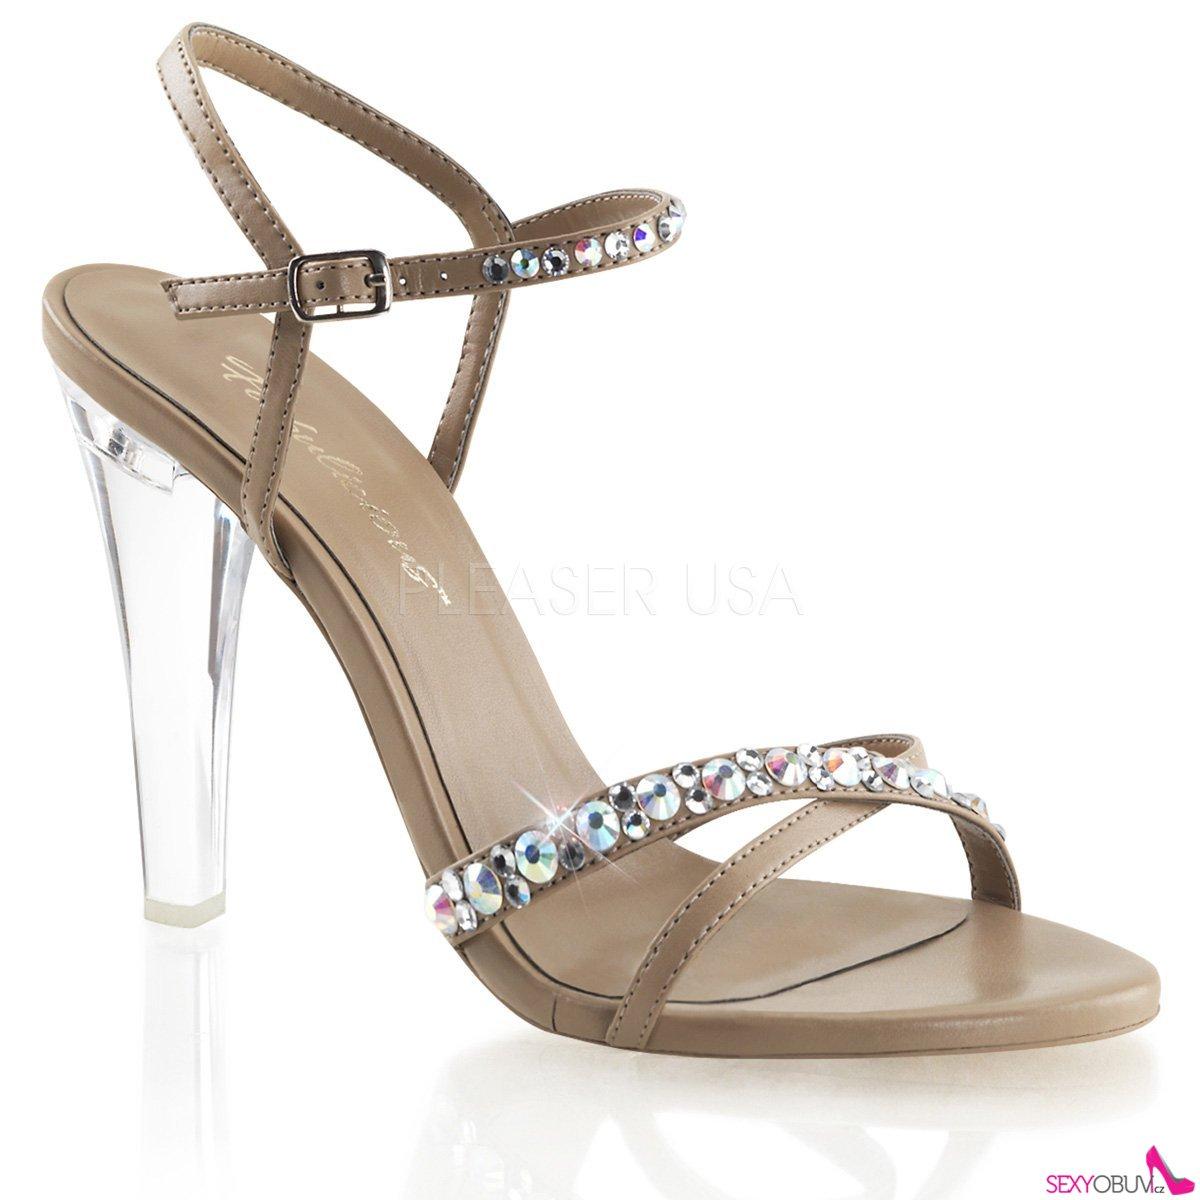 19b4d084757d CLEARLY-415 Průhledné hnědé společenské boty na podpatku